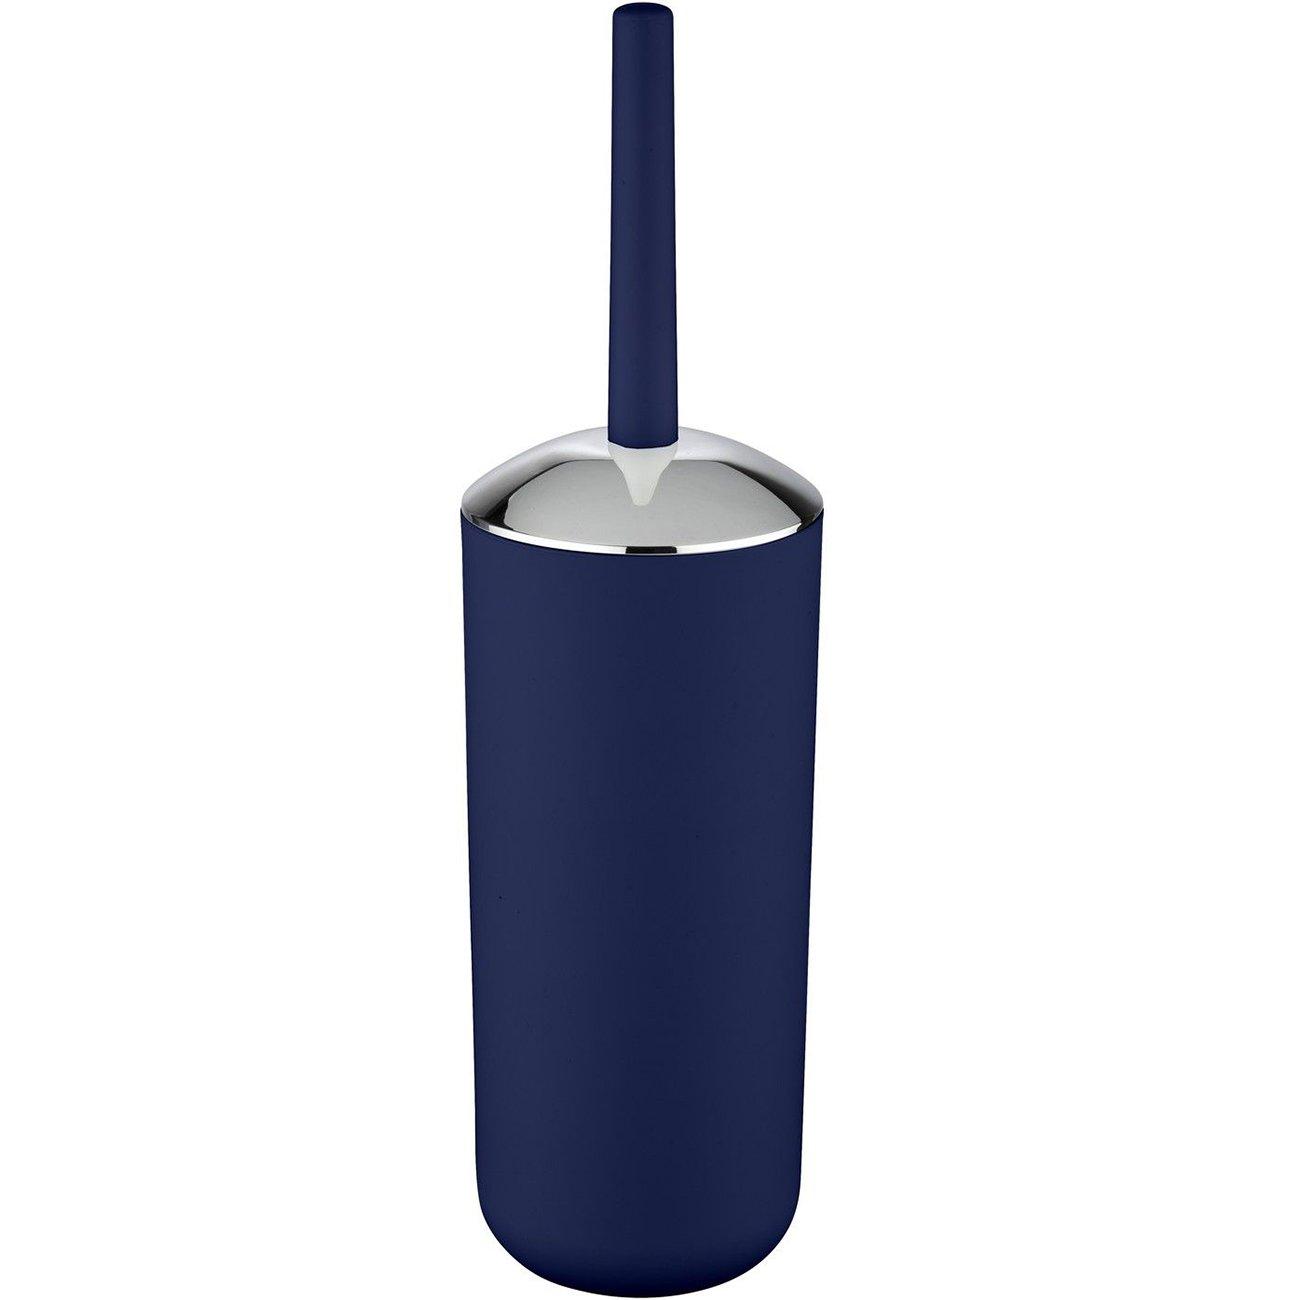 19.5 x 31 x 19.5 cm bruchsicher Fassungsverm/ögen: 6.5 l TPE Wenko 22250100 Schwingdeckeleimer Brasil grau L M/ülleimer Kosmetikeimer grau Thermoplastischer Kunststoff